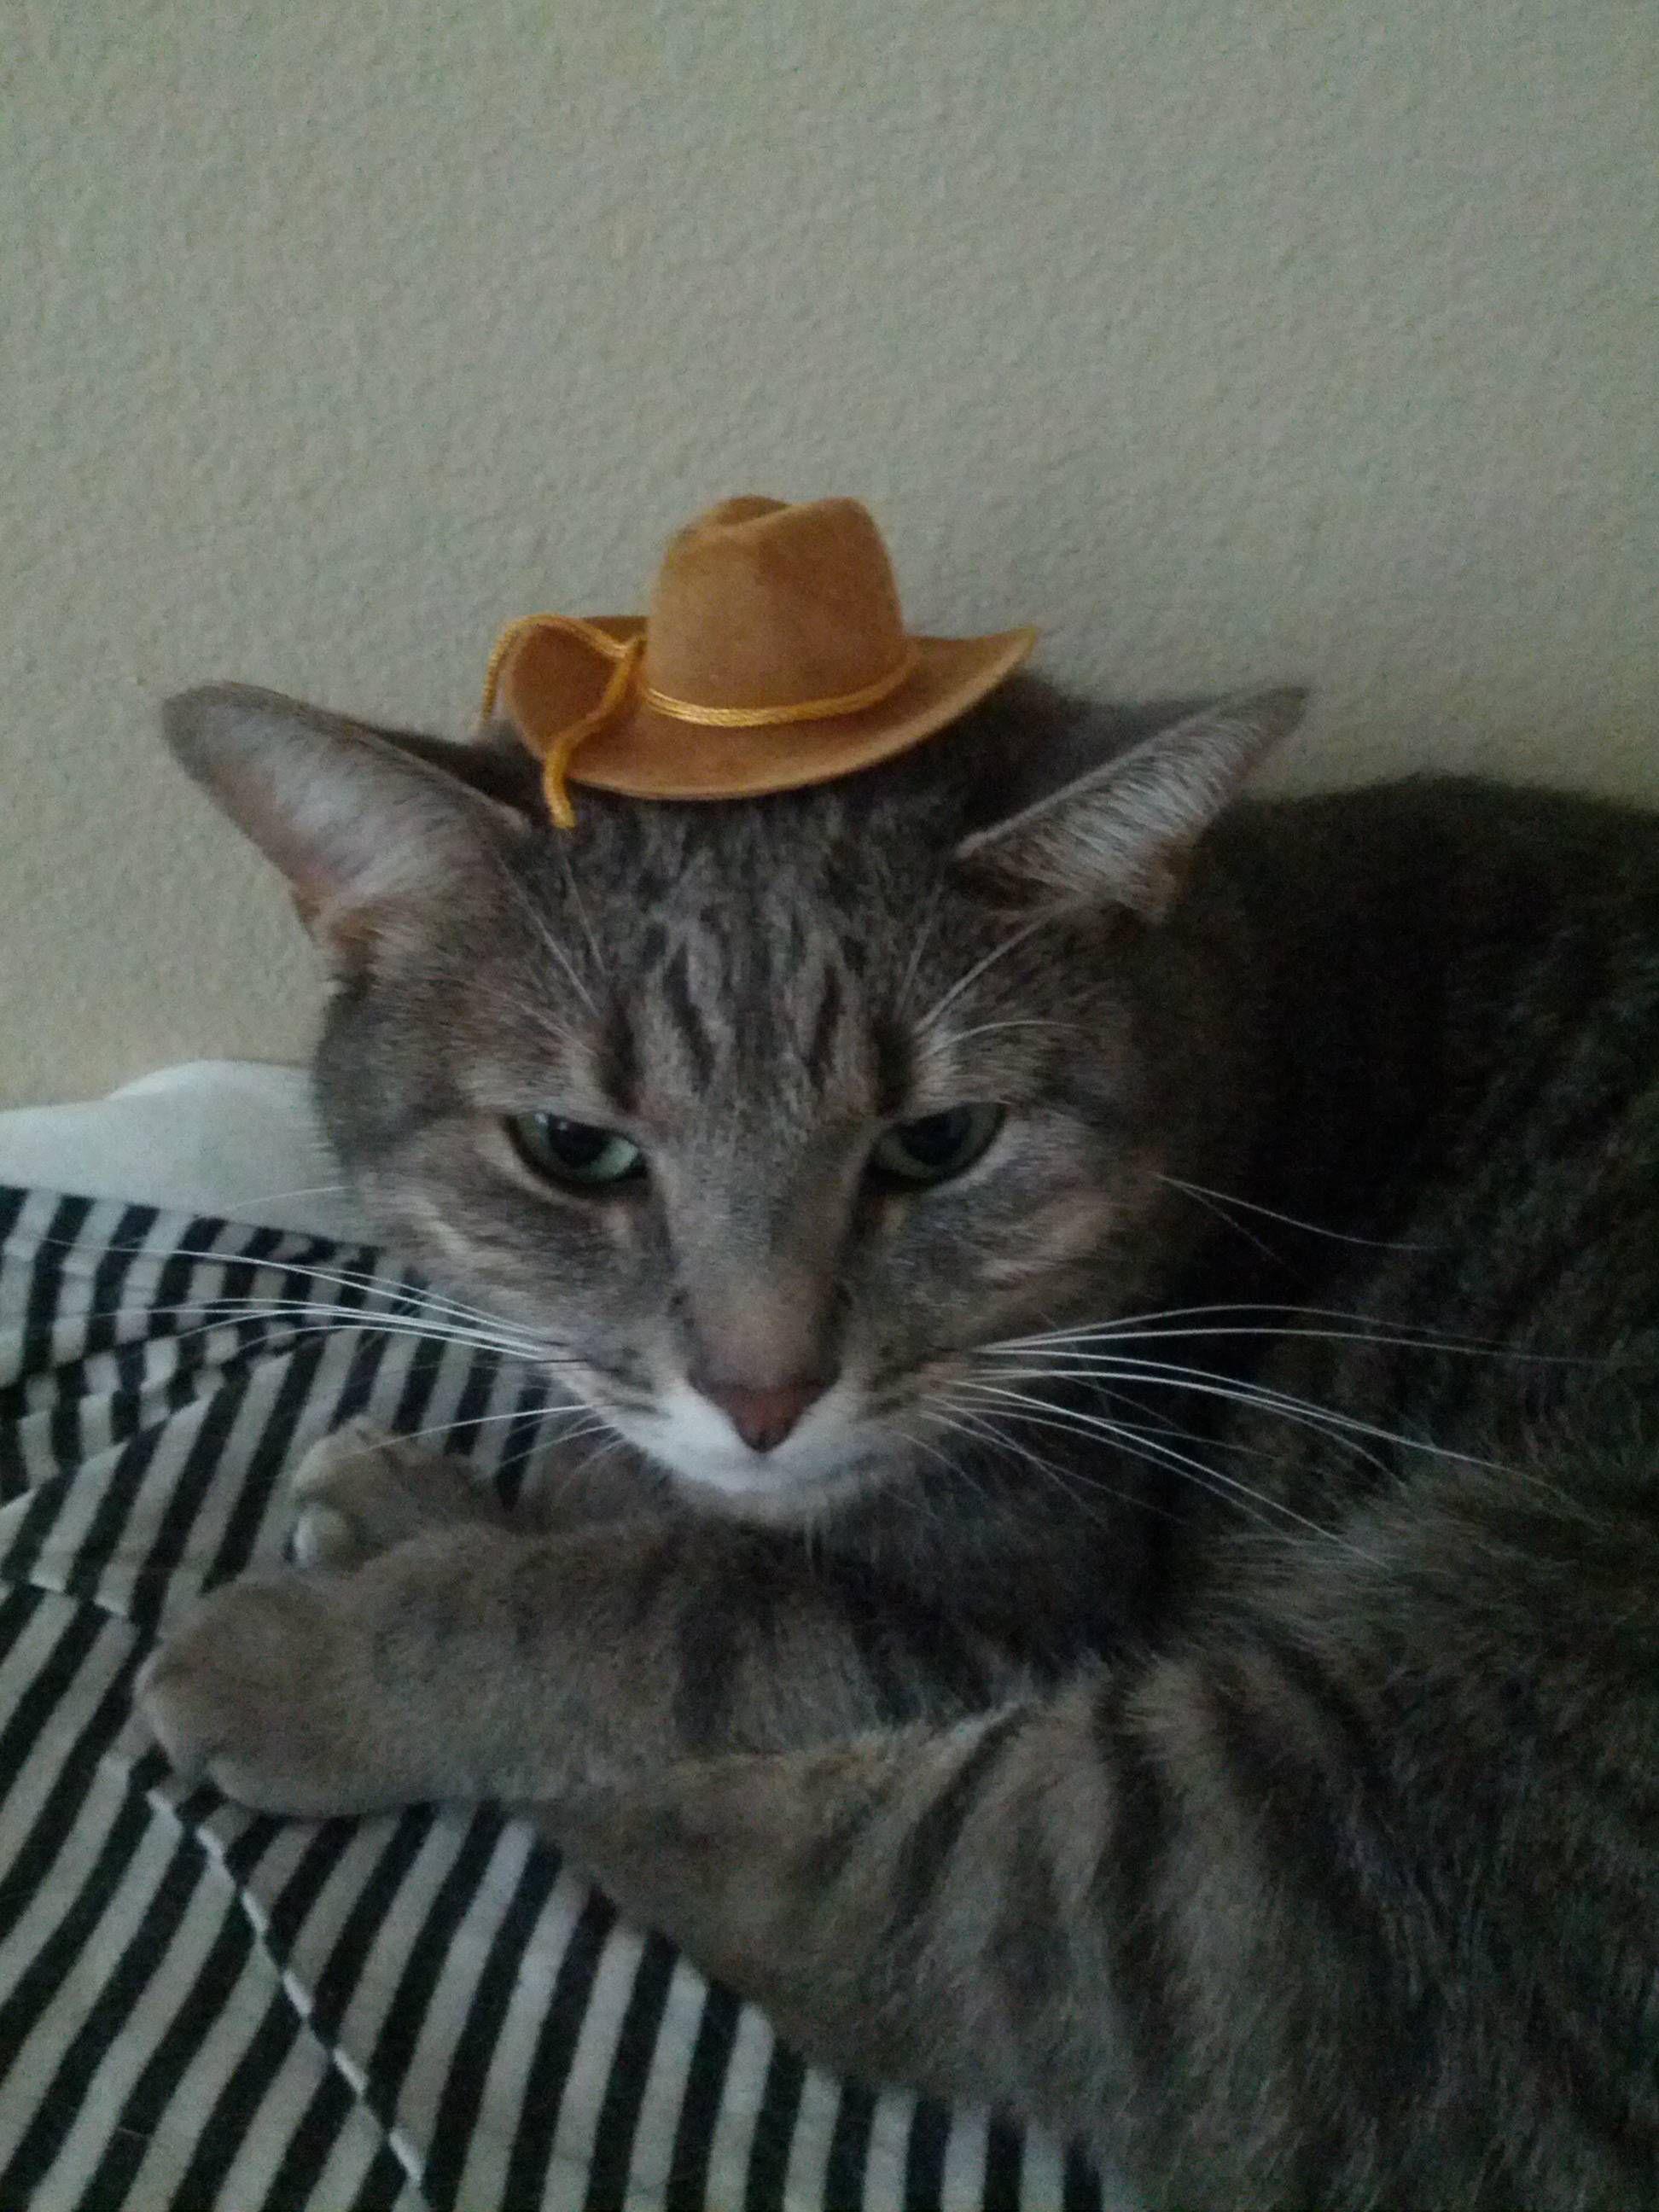 Yeeeeeehaaaaaw! The lazy cowgirl cute cat